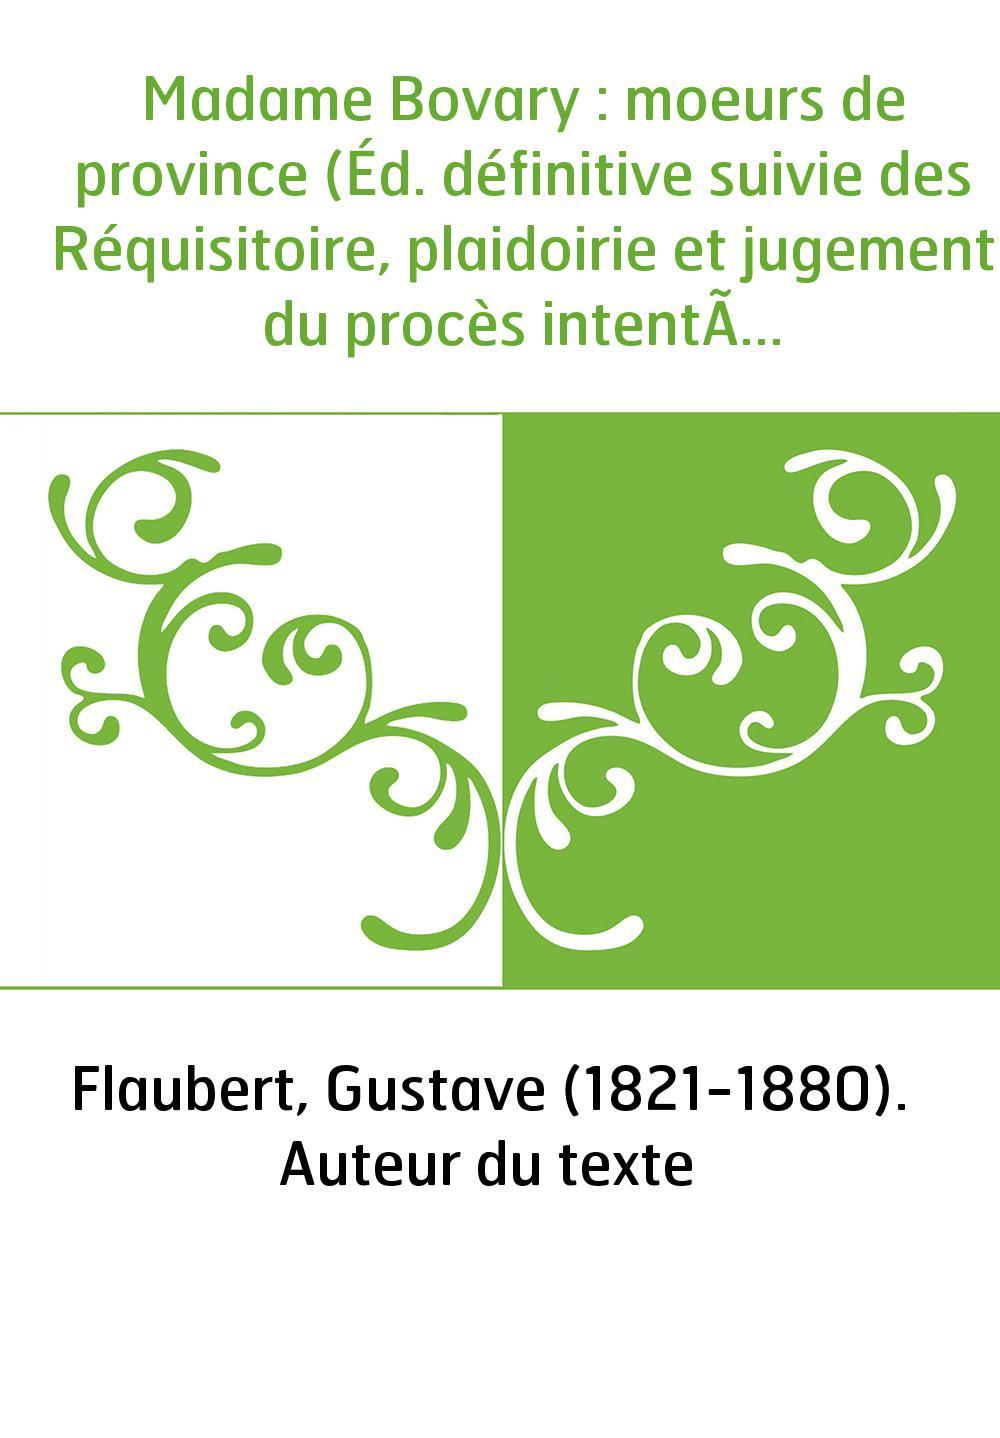 Madame Bovary : moeurs de province (Éd. définitive suivie des Réquisitoire, plaidoirie et jugement du procès intenté à l'auteur)